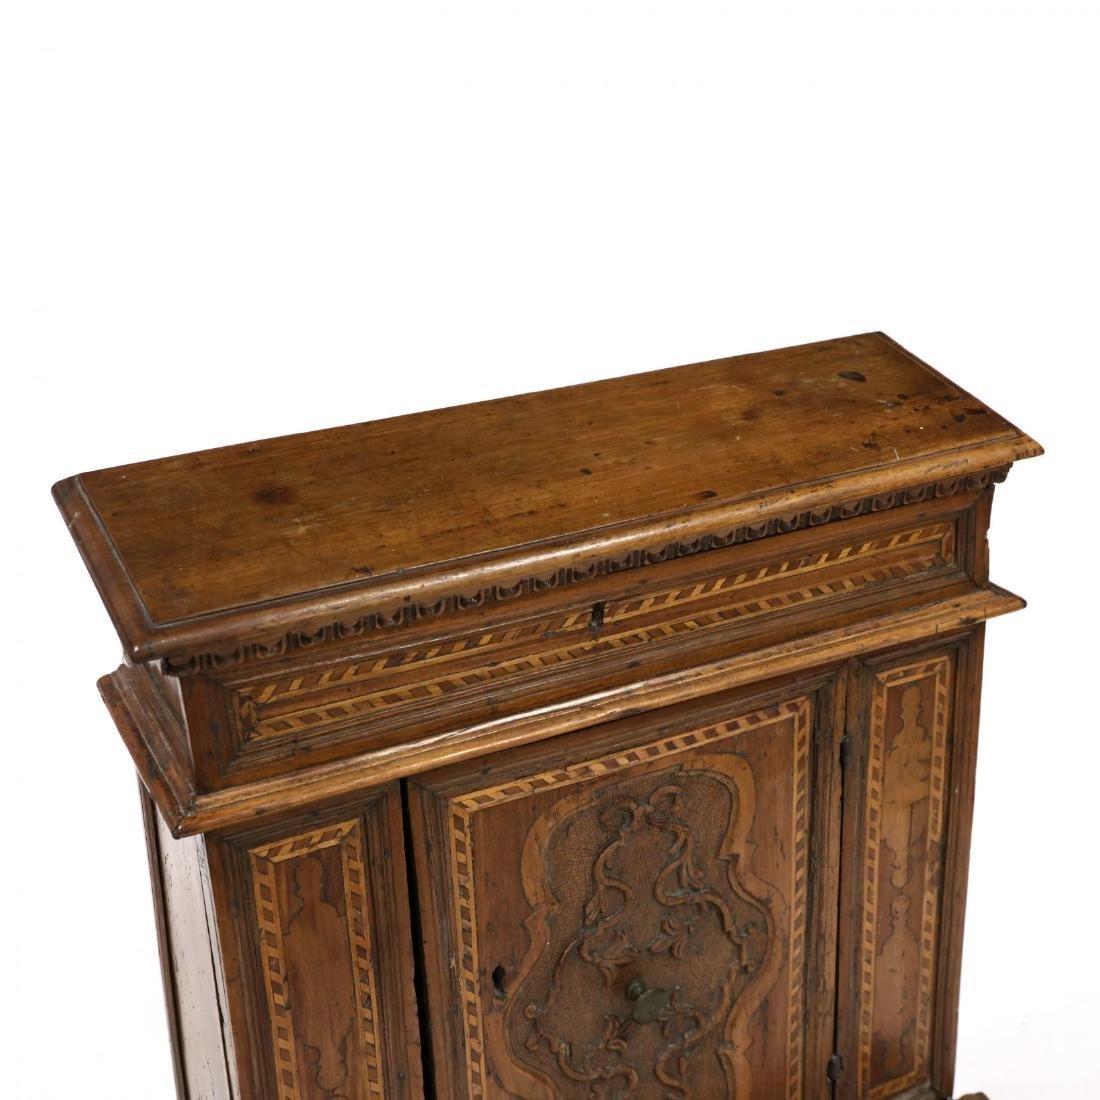 Antique Inlaid Prie-Dieu Cabinet - 2